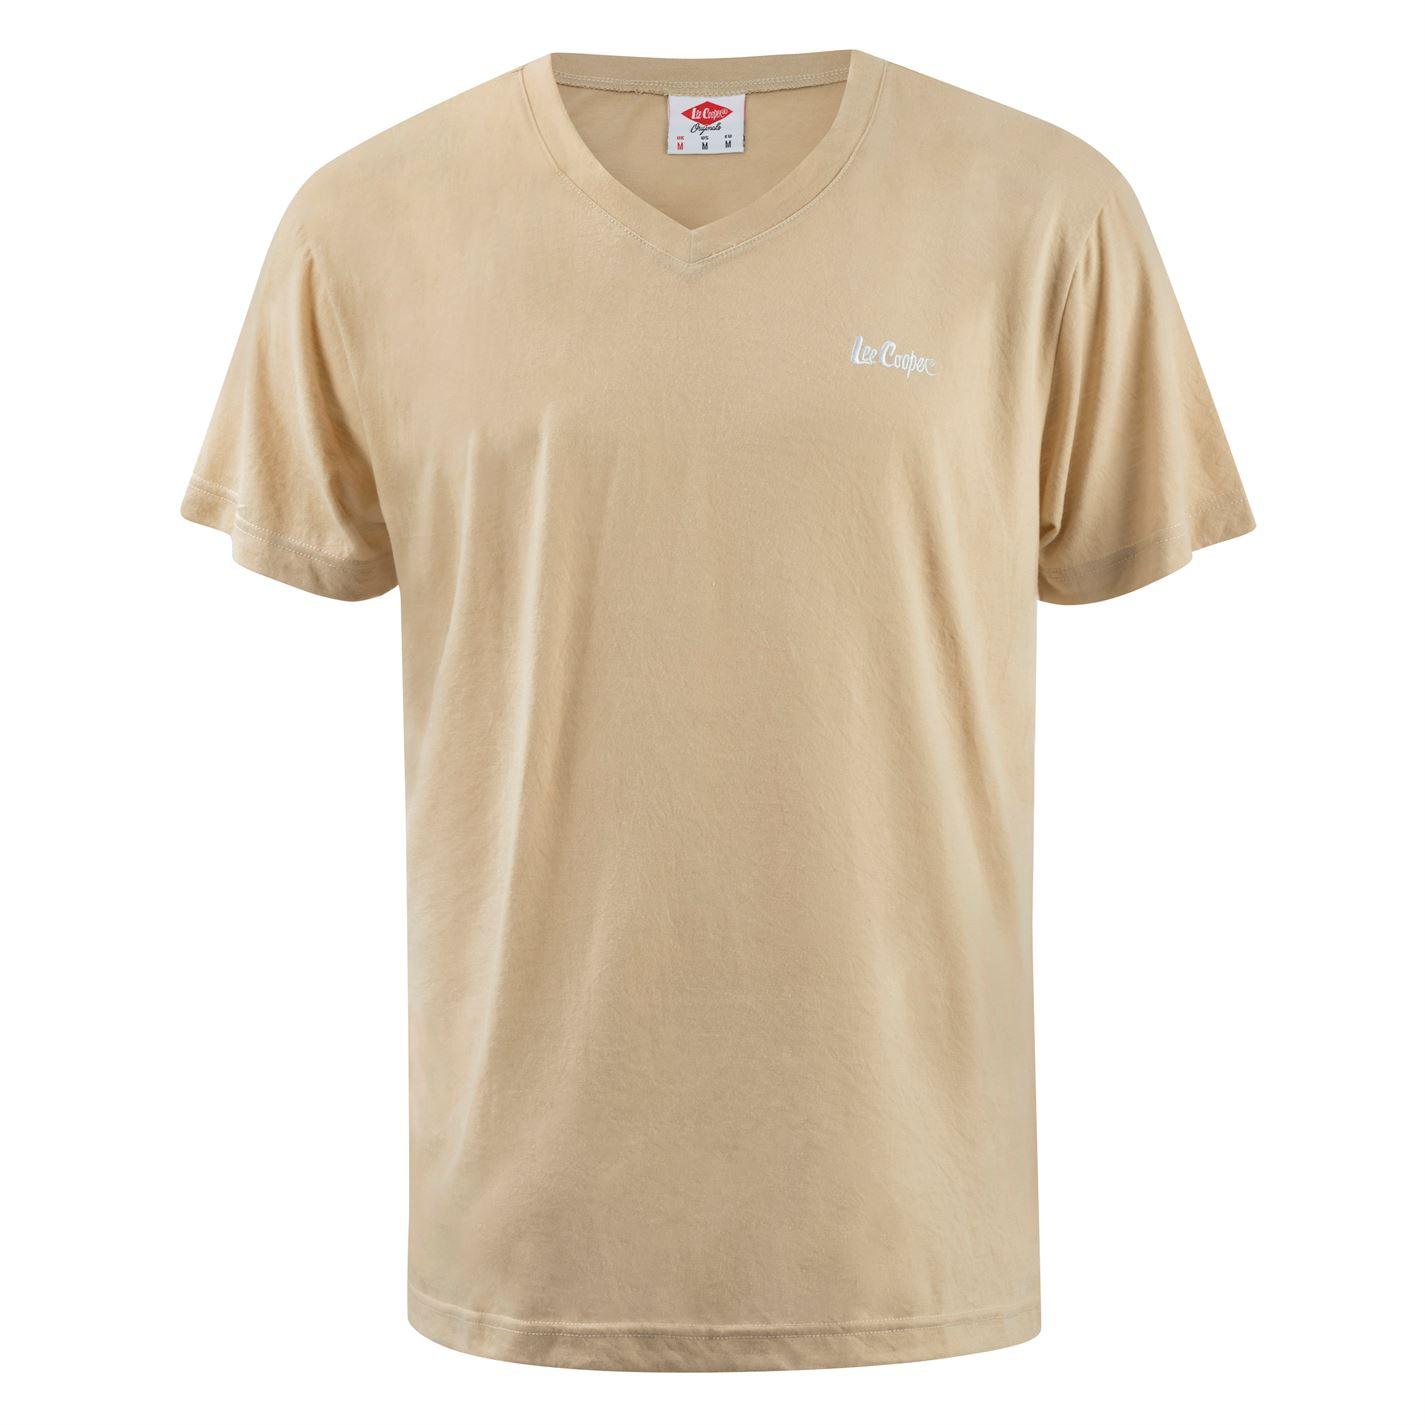 Lee Cooper V Neck T Shirt Mens